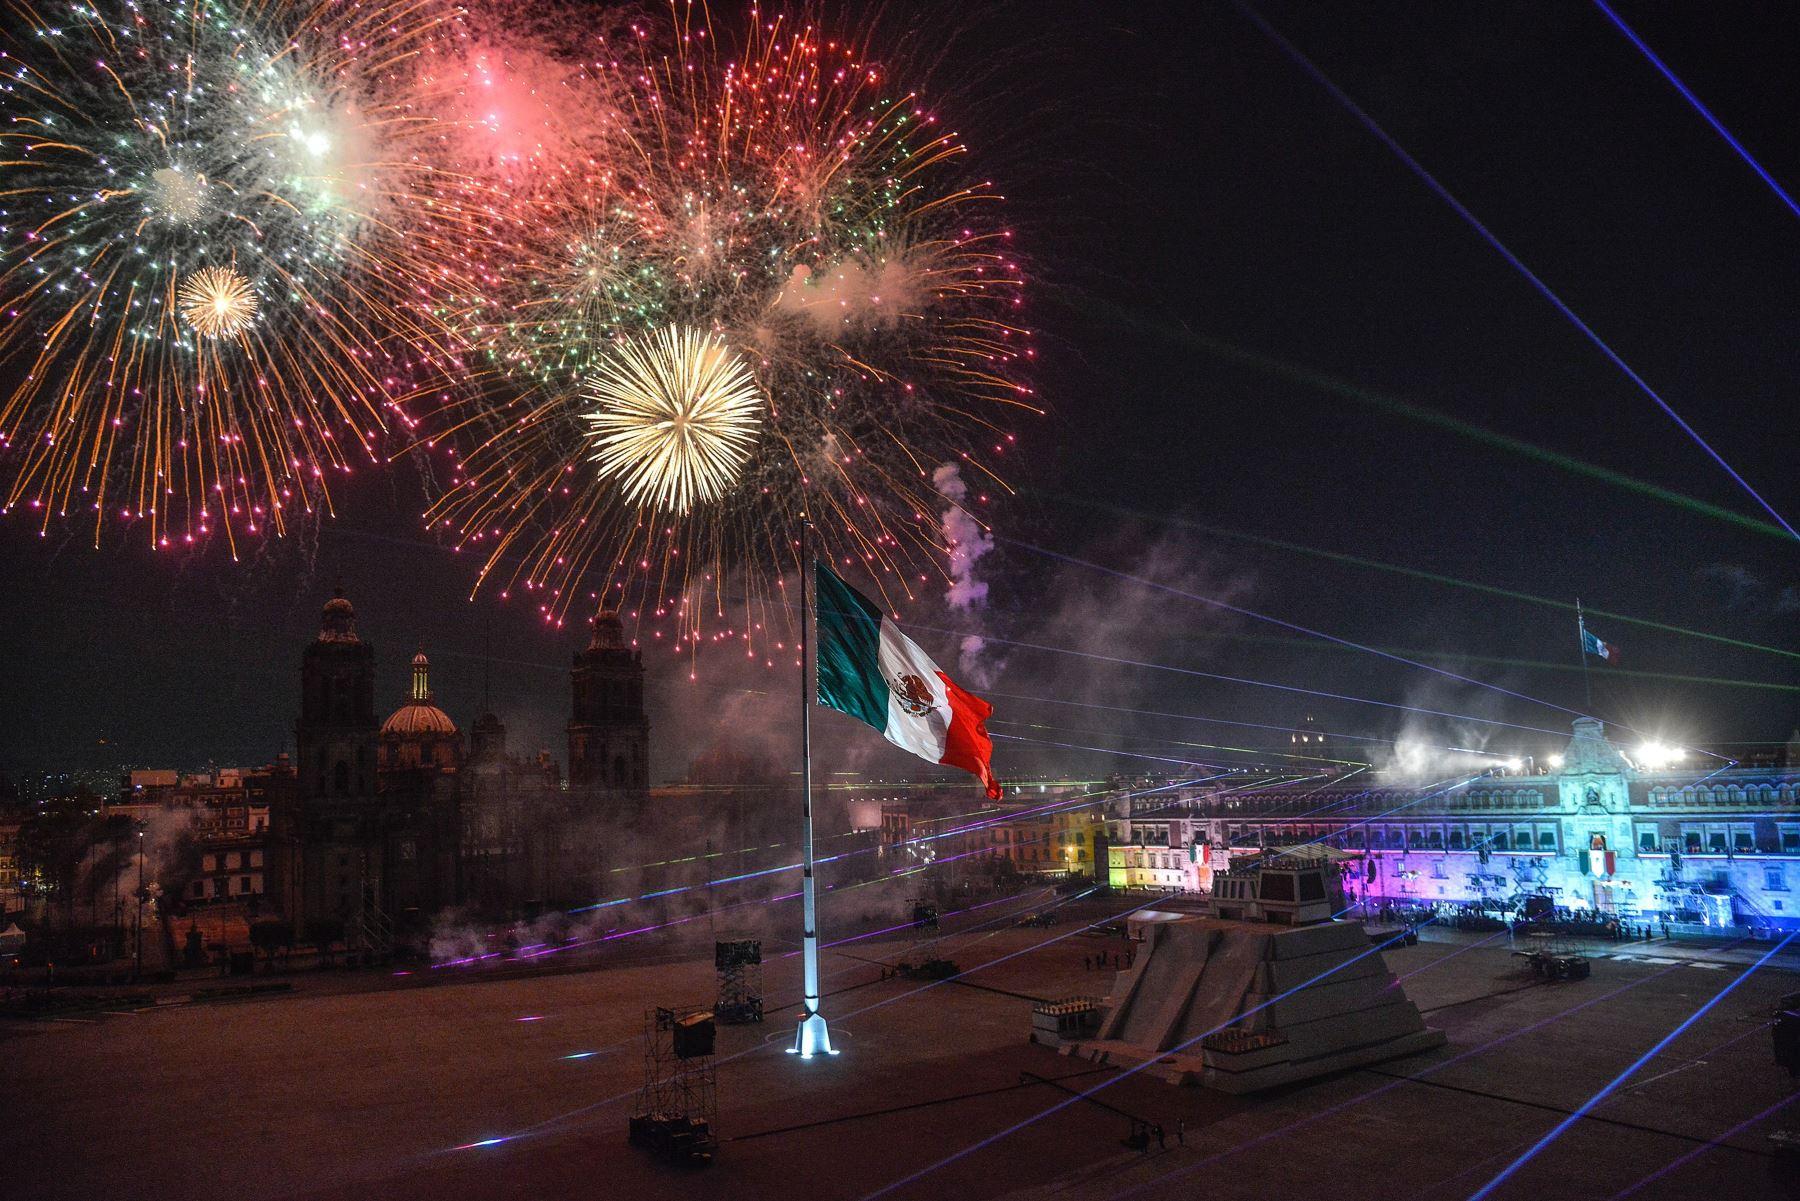 Luces y juegos pirotécnicos en el cielo de la Plaza del Zócalo durante la ceremonia del 211 aniversario del Grito de Independencia de México.  Foto: EFE